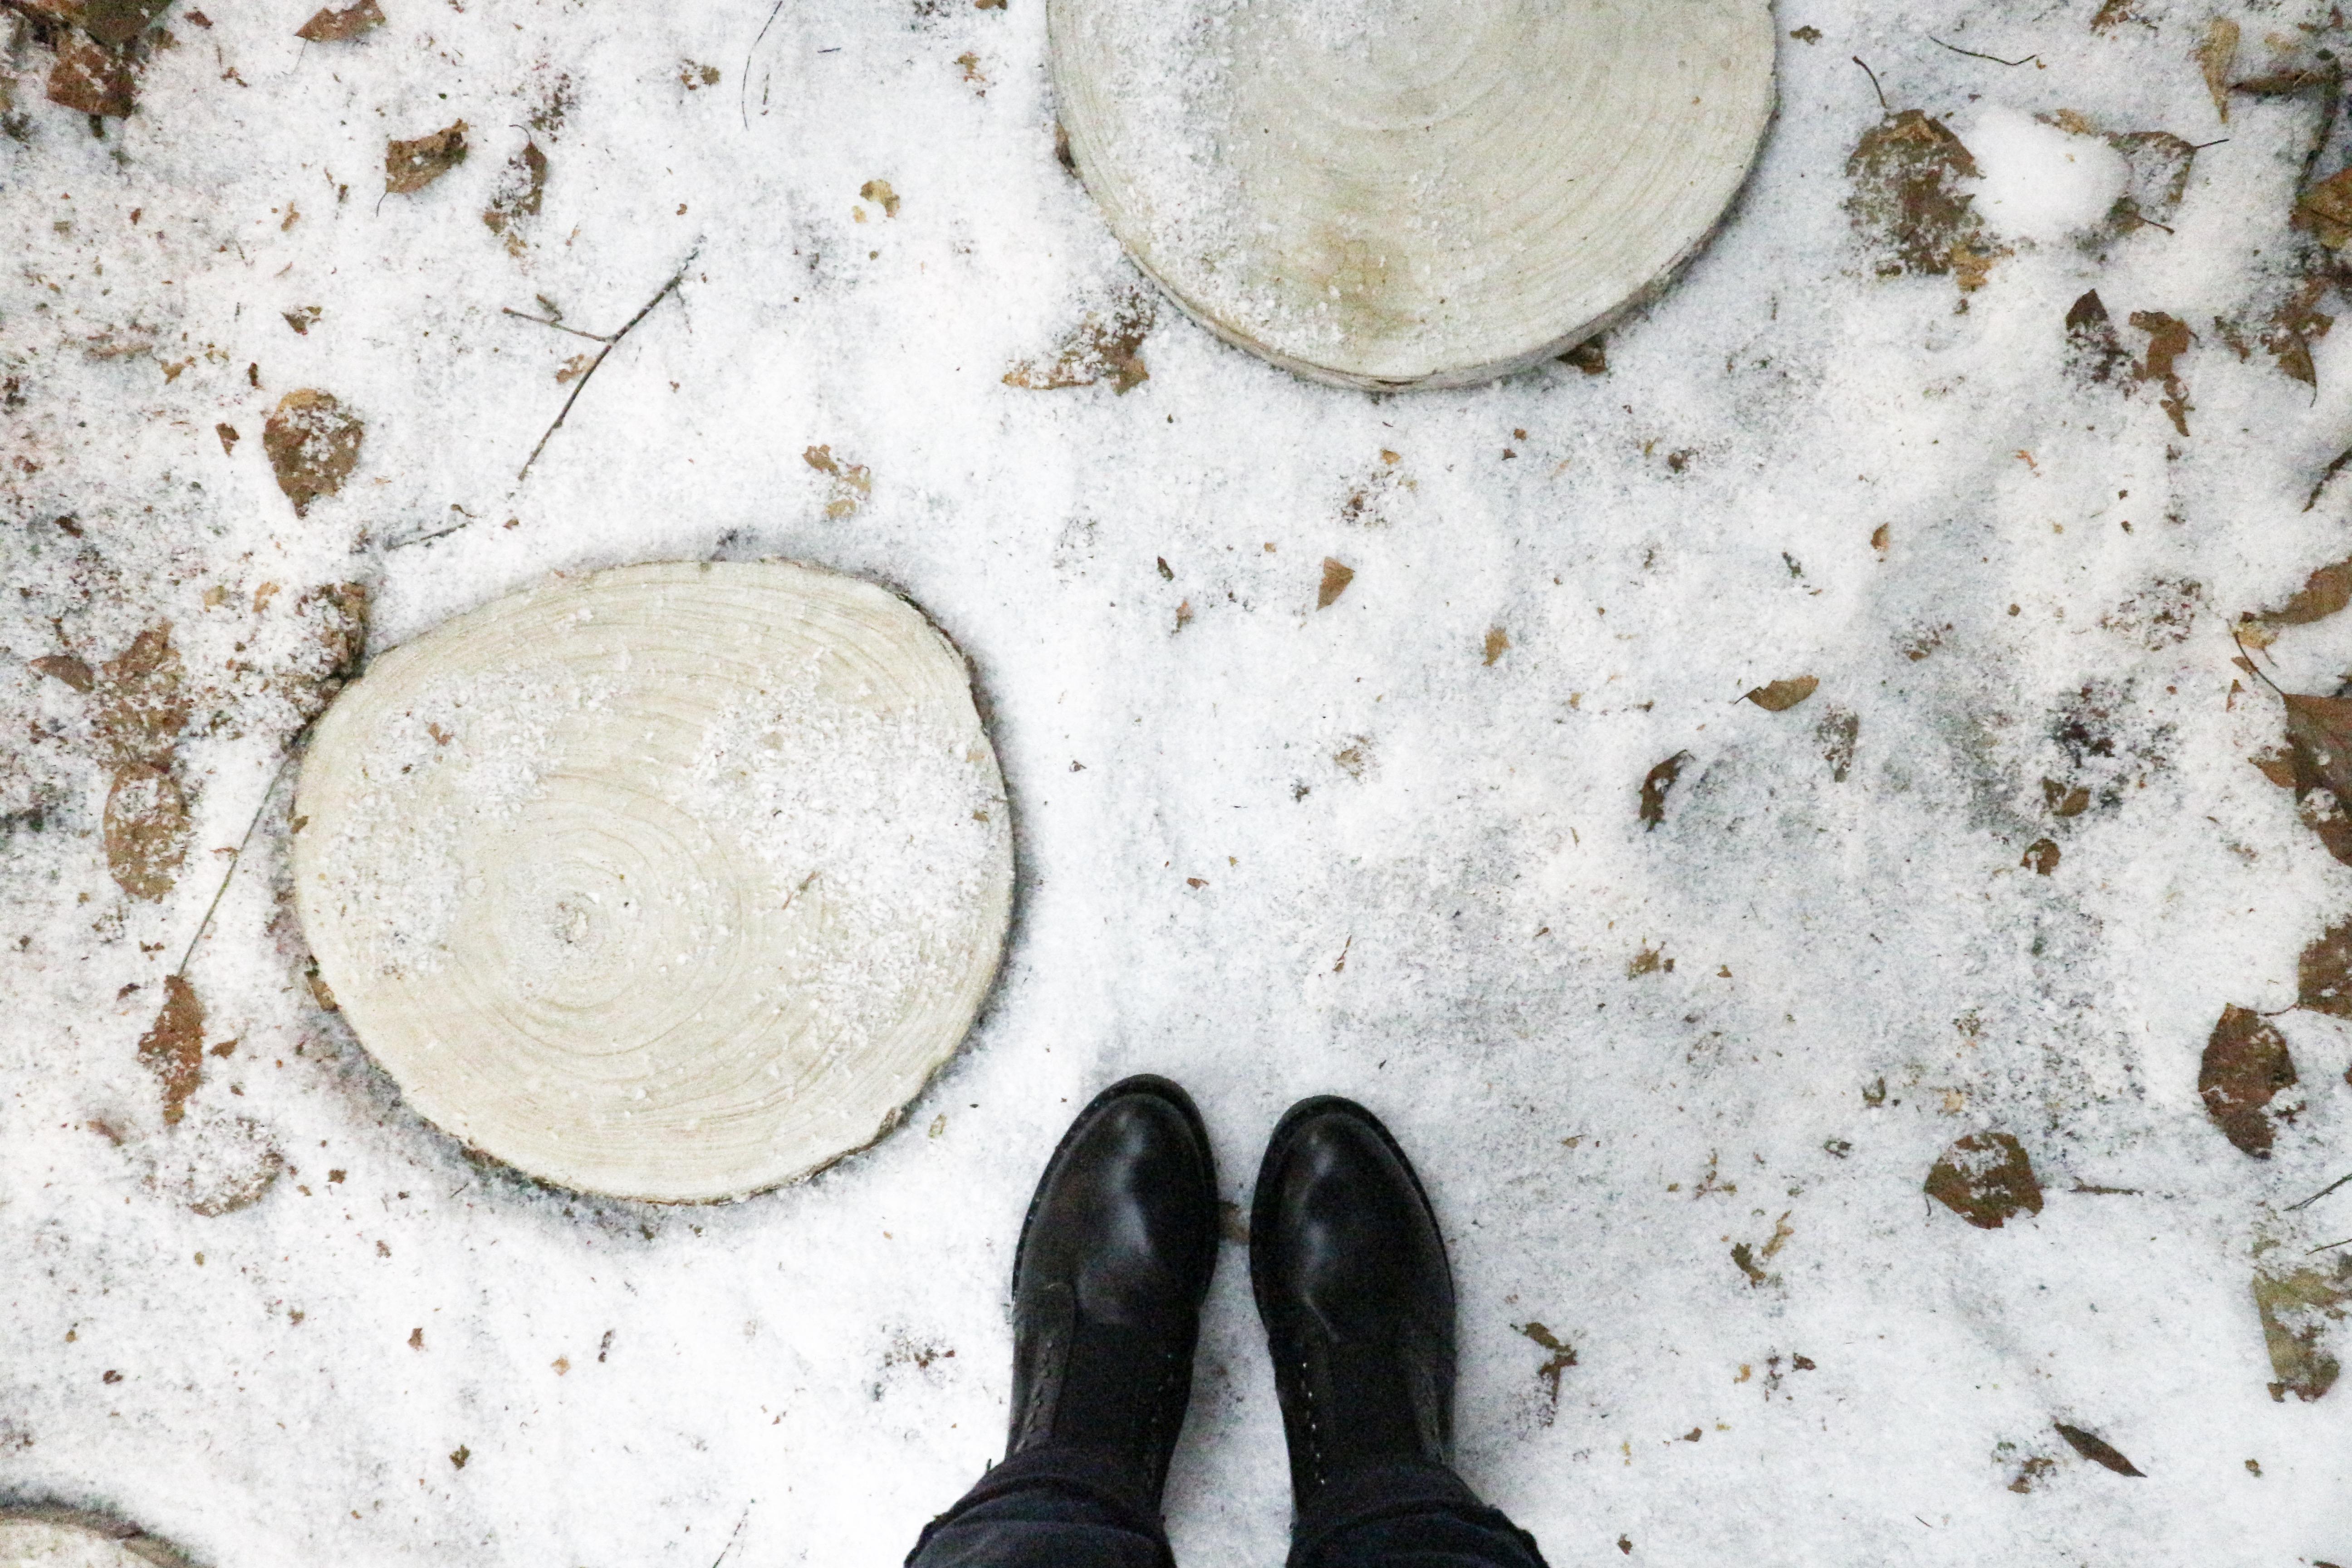 Il Natale Yves Rocher - Idee regalo, cofanetti, info, review, recensione, prezzo, cestini - Evento